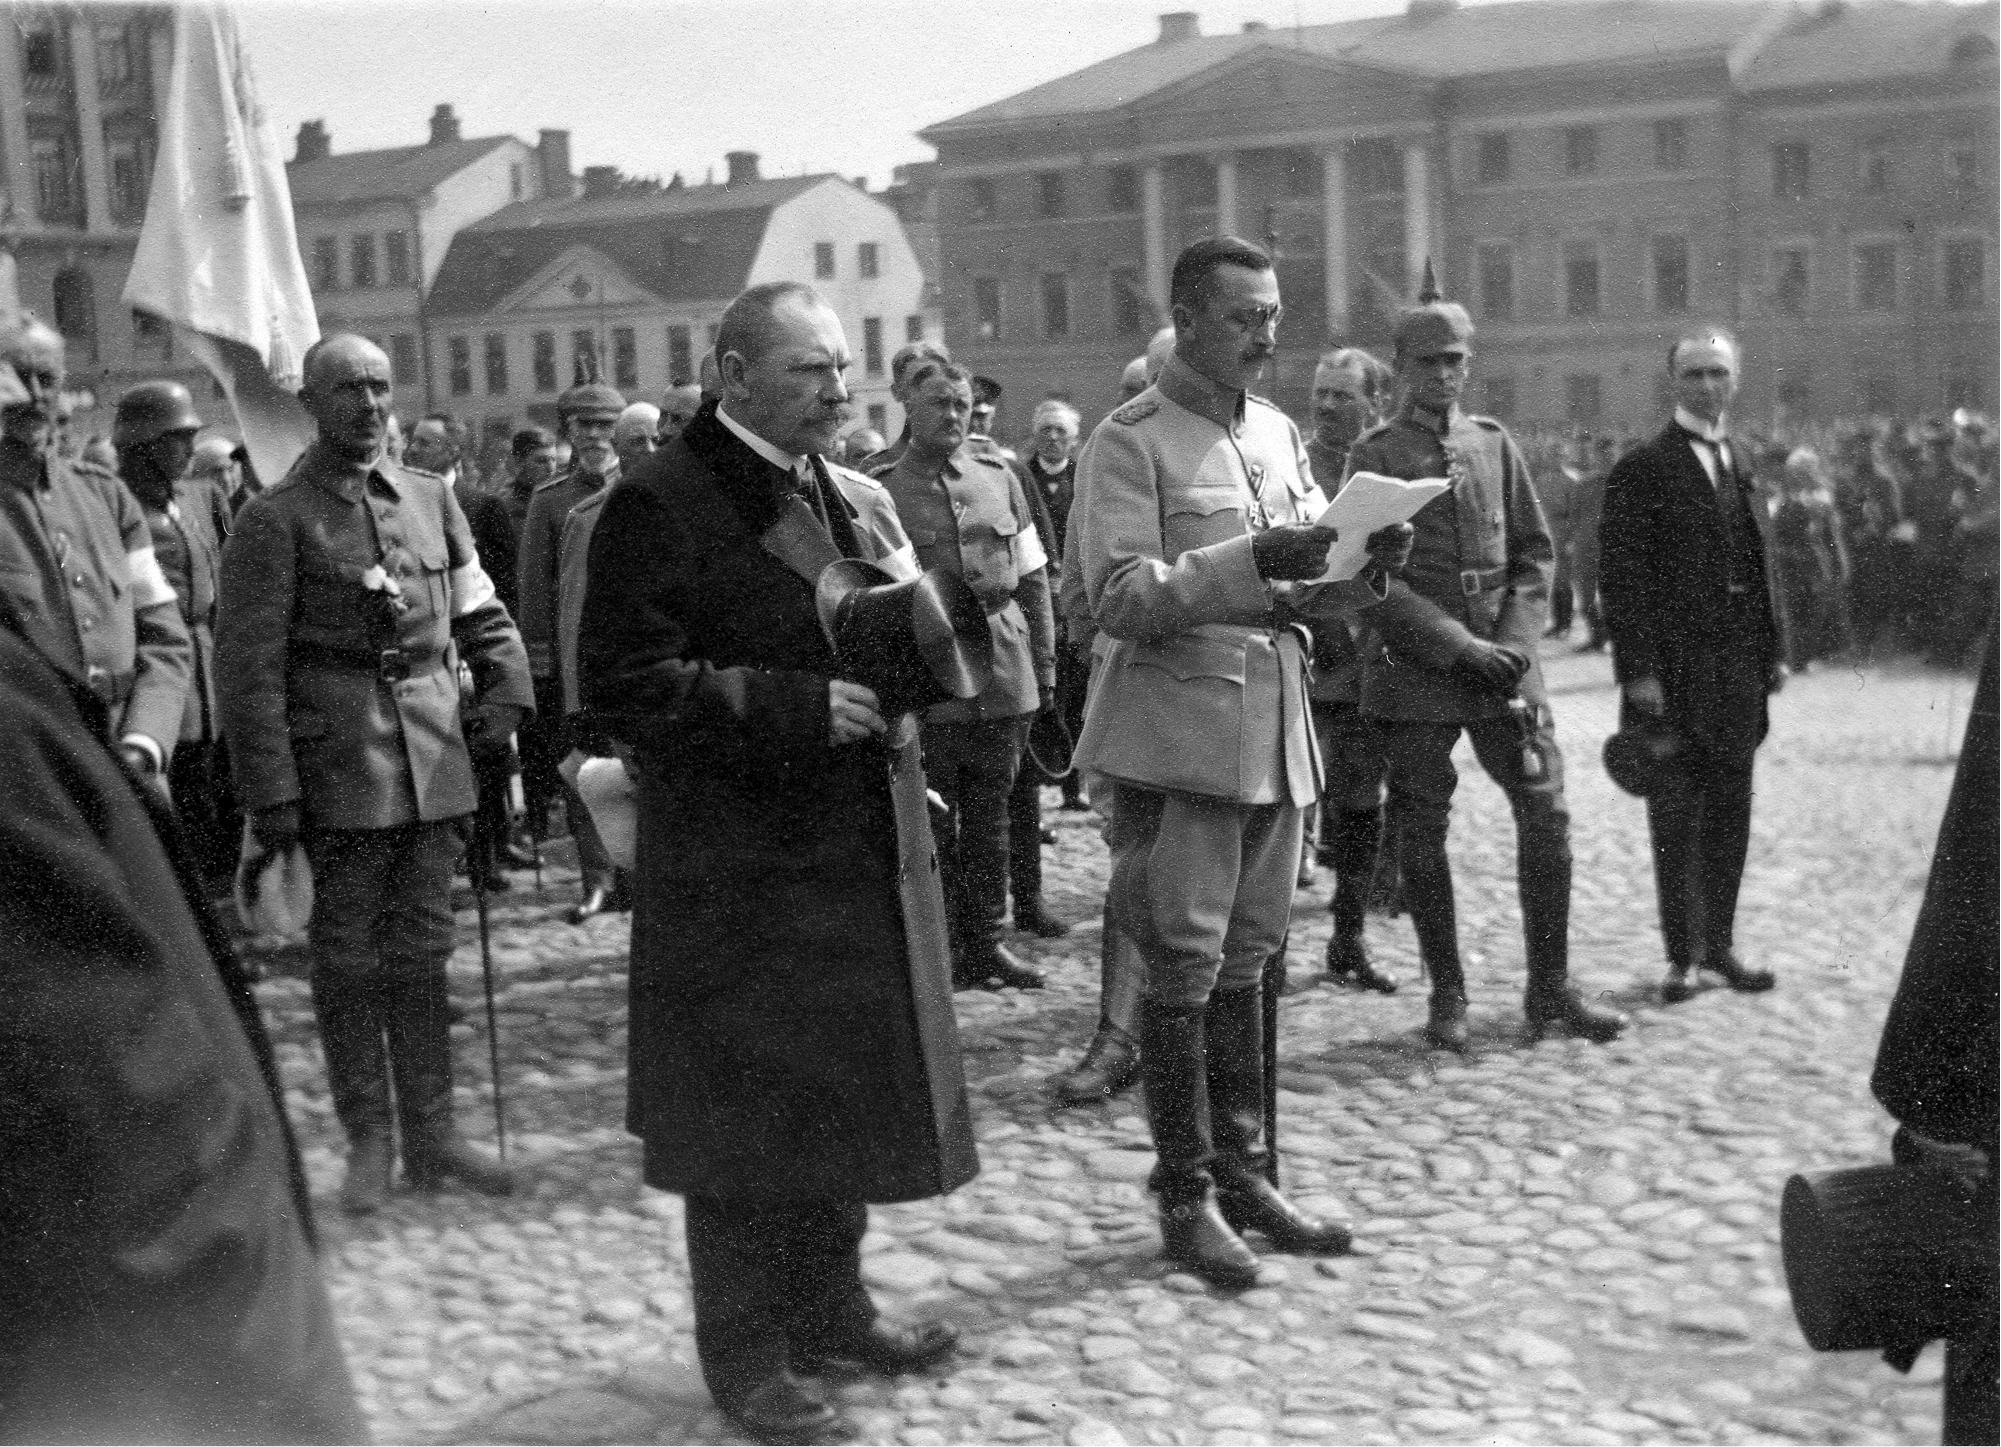 Valtionhoitaja P. E. Svinhufvud, ylipäällikkö C. G. E. Mannerheim ja saksalaisjoukkojen komentaja Rüdiger von der Goltz valkoisten voittoparaatissa Helsingissä 16. toukokuuta 1918.